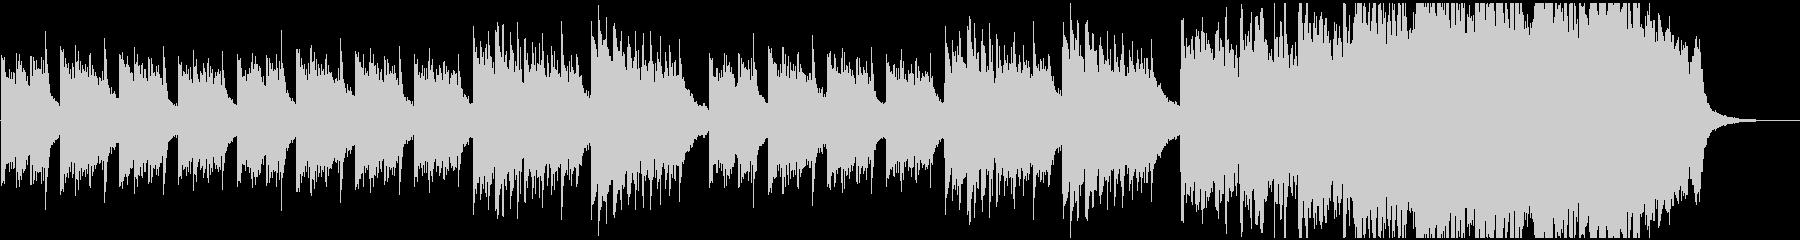 現代の交響曲 室内楽 企業イメージ...の未再生の波形